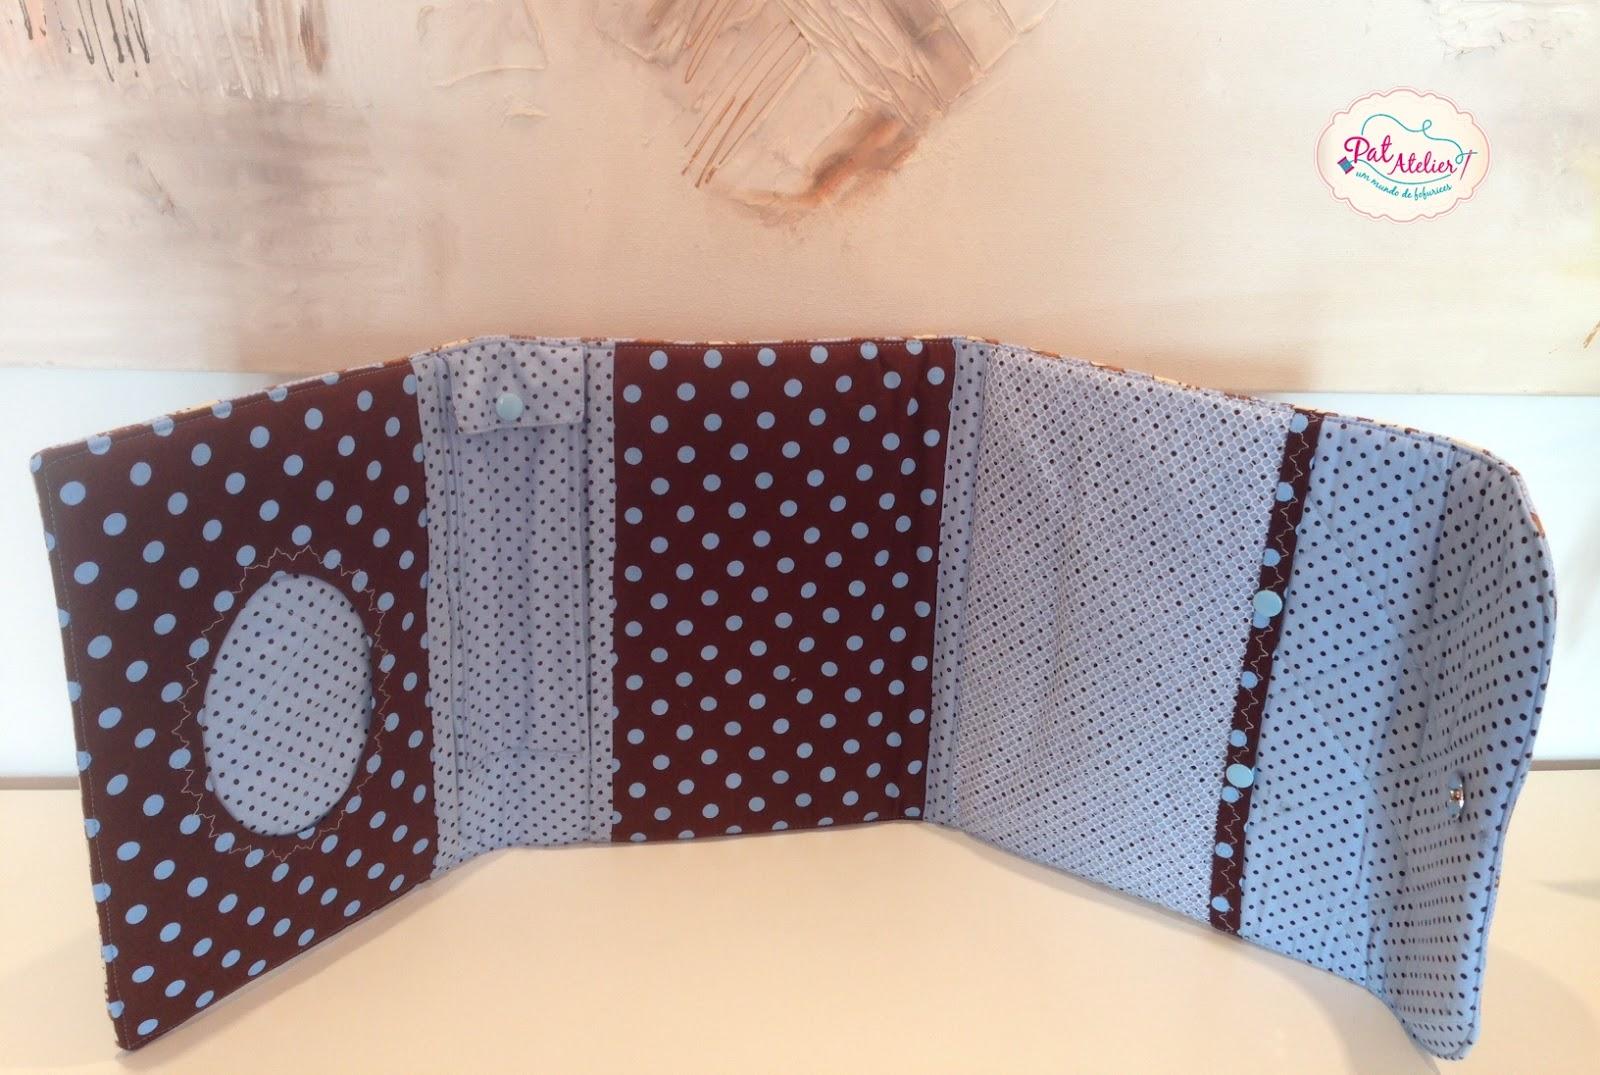 7c75c01a6 Pat Atelier - Costura Criativa/Chinelos Customizados: Necessaire ...